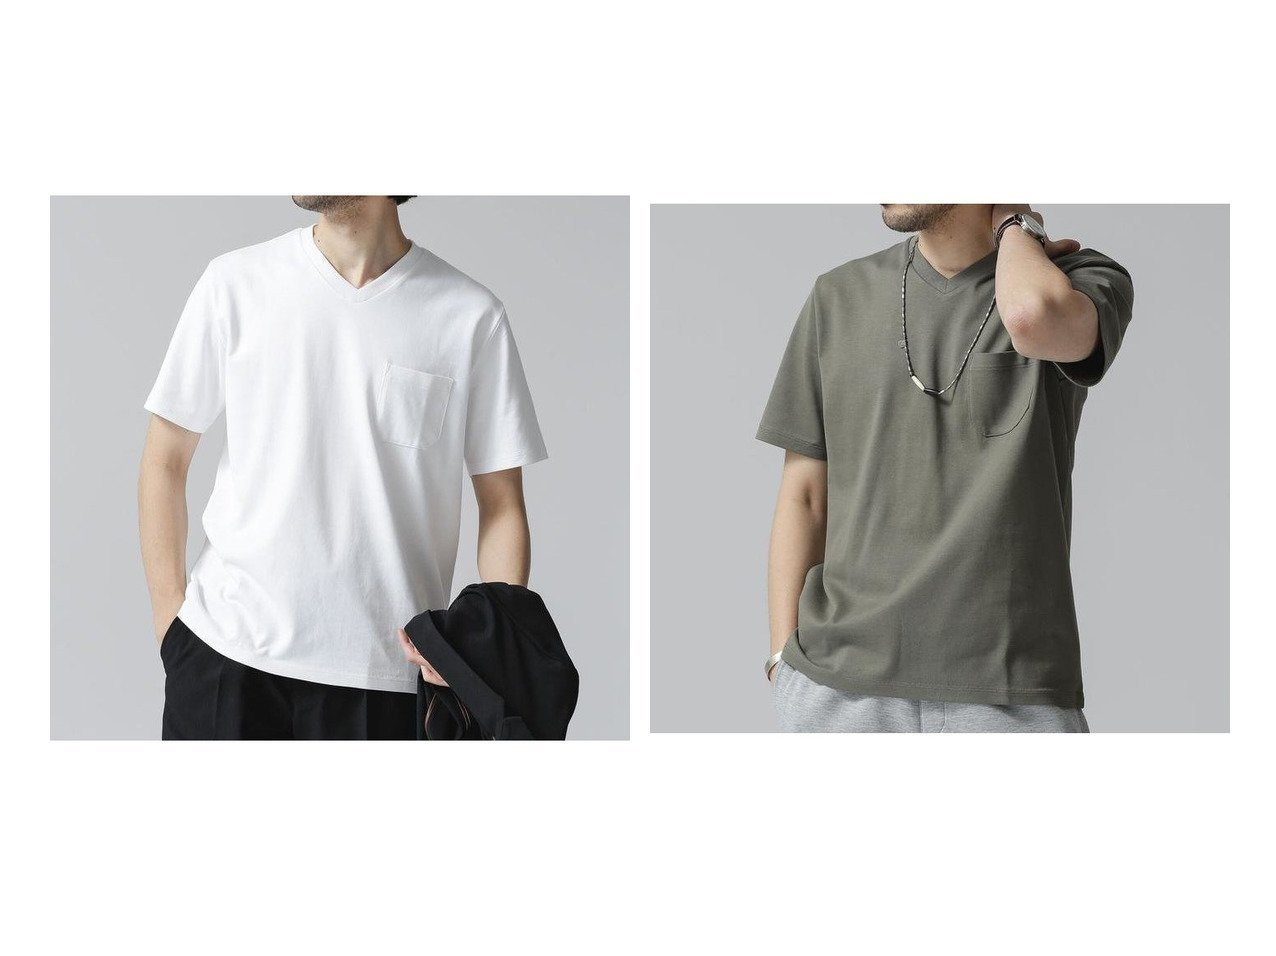 【nano universe / MEN/ナノ ユニバース】のAnti Soaked ヘビーVネックTシャツ 【MEN】おすすめ!人気トレンド・男性、メンズファッションの通販 おすすめで人気の流行・トレンド、ファッションの通販商品 インテリア・家具・メンズファッション・キッズファッション・レディースファッション・服の通販 founy(ファニー) https://founy.com/ ファッション Fashion メンズファッション MEN トップス・カットソー Tops/Tshirt/Men シャツ Shirts インナー カットソー ジャケット 定番 Standard 人気 バランス ブルゾン 2021年 2021 再入荷 Restock/Back in Stock/Re Arrival S/S・春夏 SS・Spring/Summer 2021春夏・S/S SS/Spring/Summer/2021 おすすめ Recommend |ID:crp329100000042521